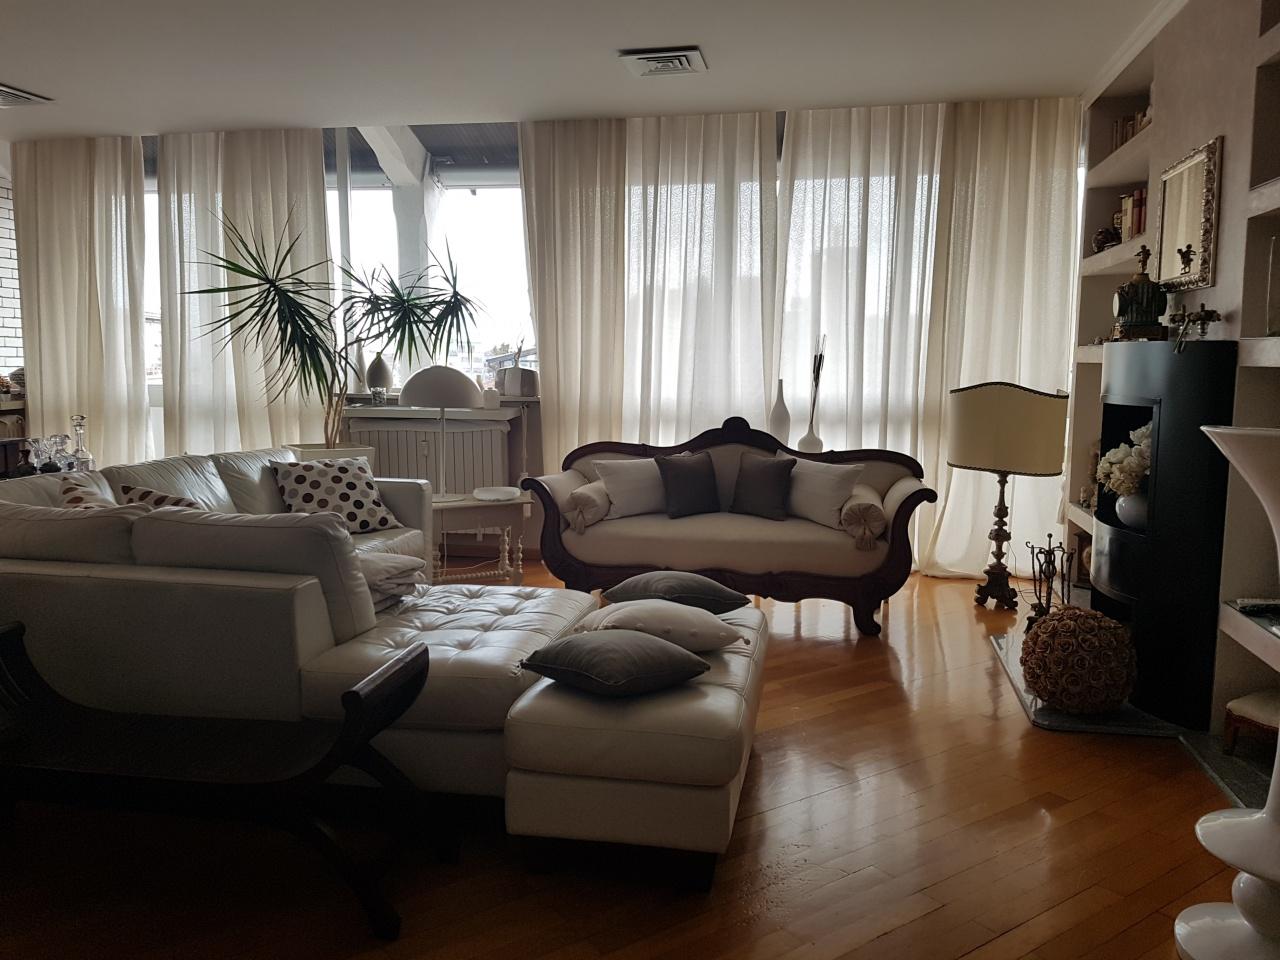 Appartamento PAVIA vendita  CENTRO  BORGO IMMOBILIARE